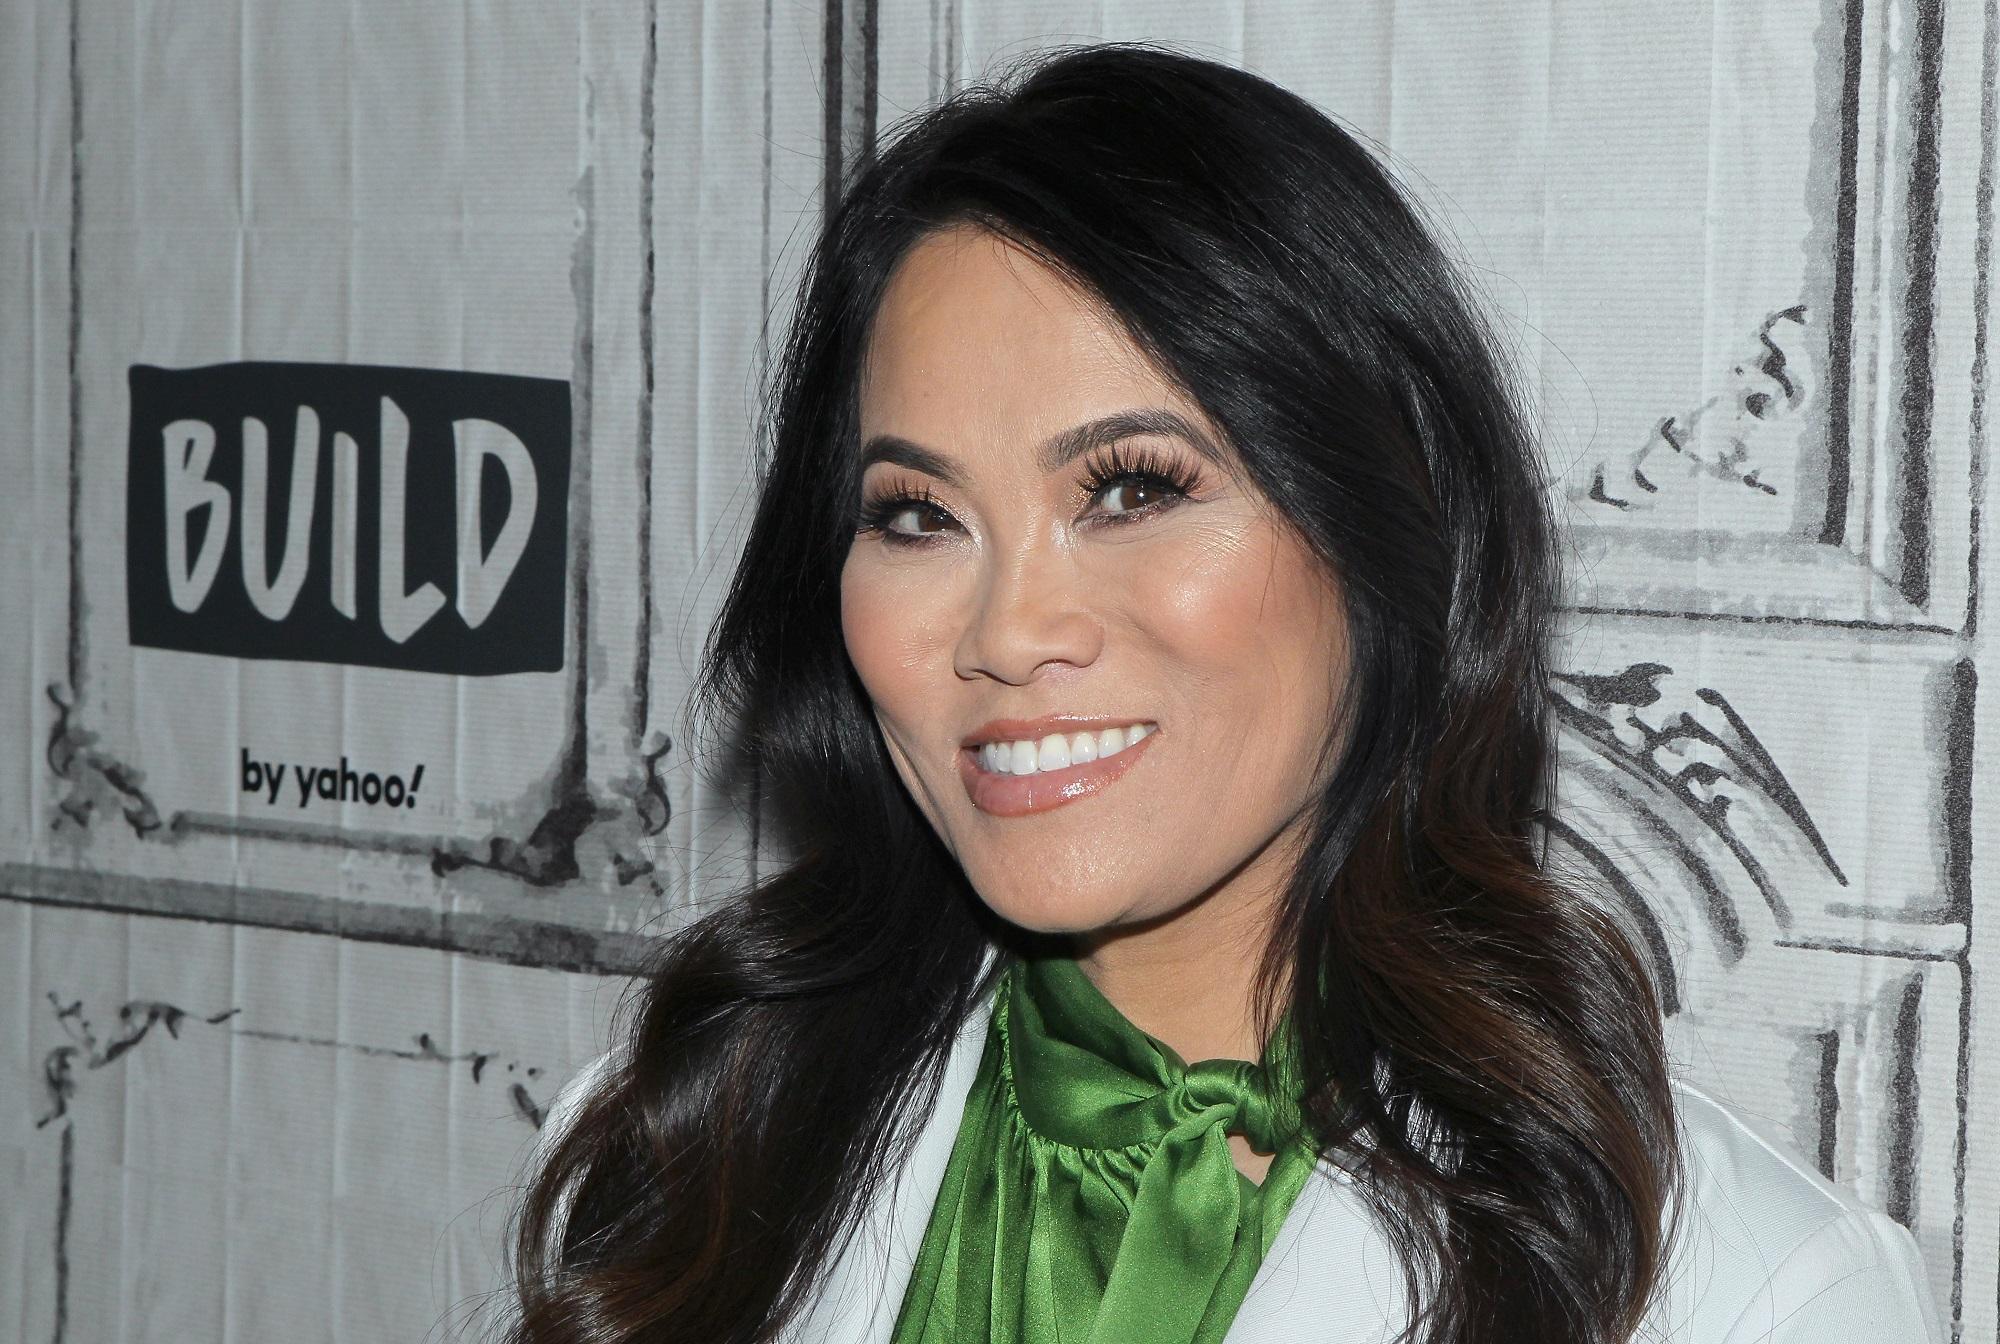 Dr. Pimple Popper's Dr. Sandra Lee